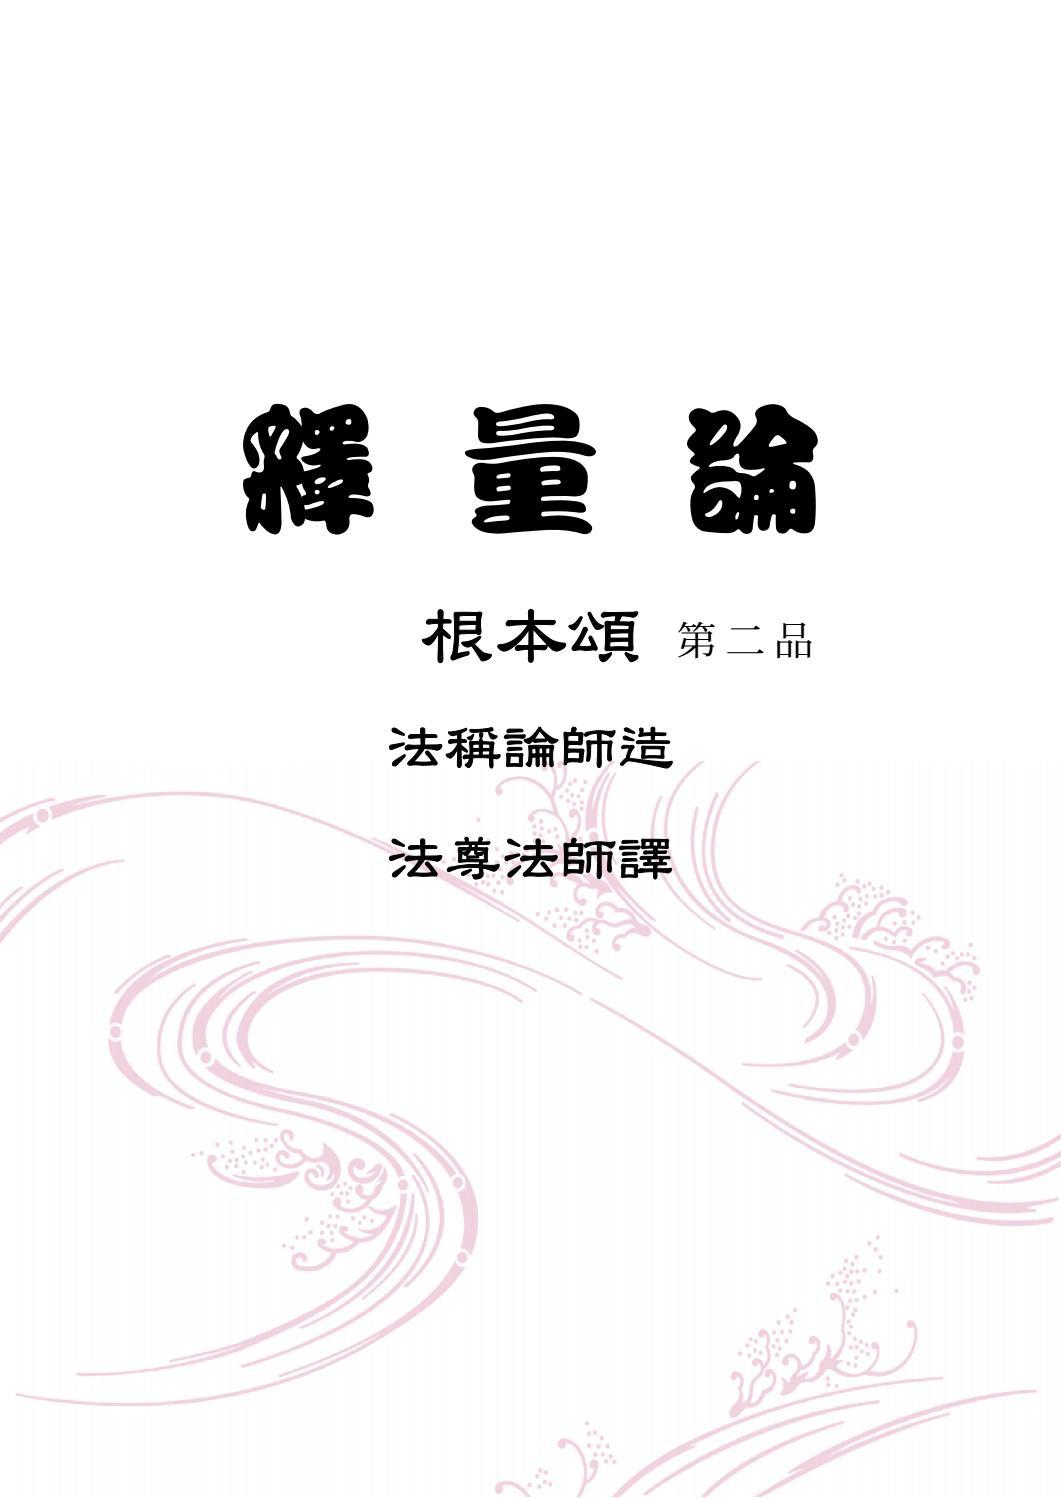 法稱菩薩《釋量論》第二品 成量品 by 達賴喇嘛尊者文集 - Issuu